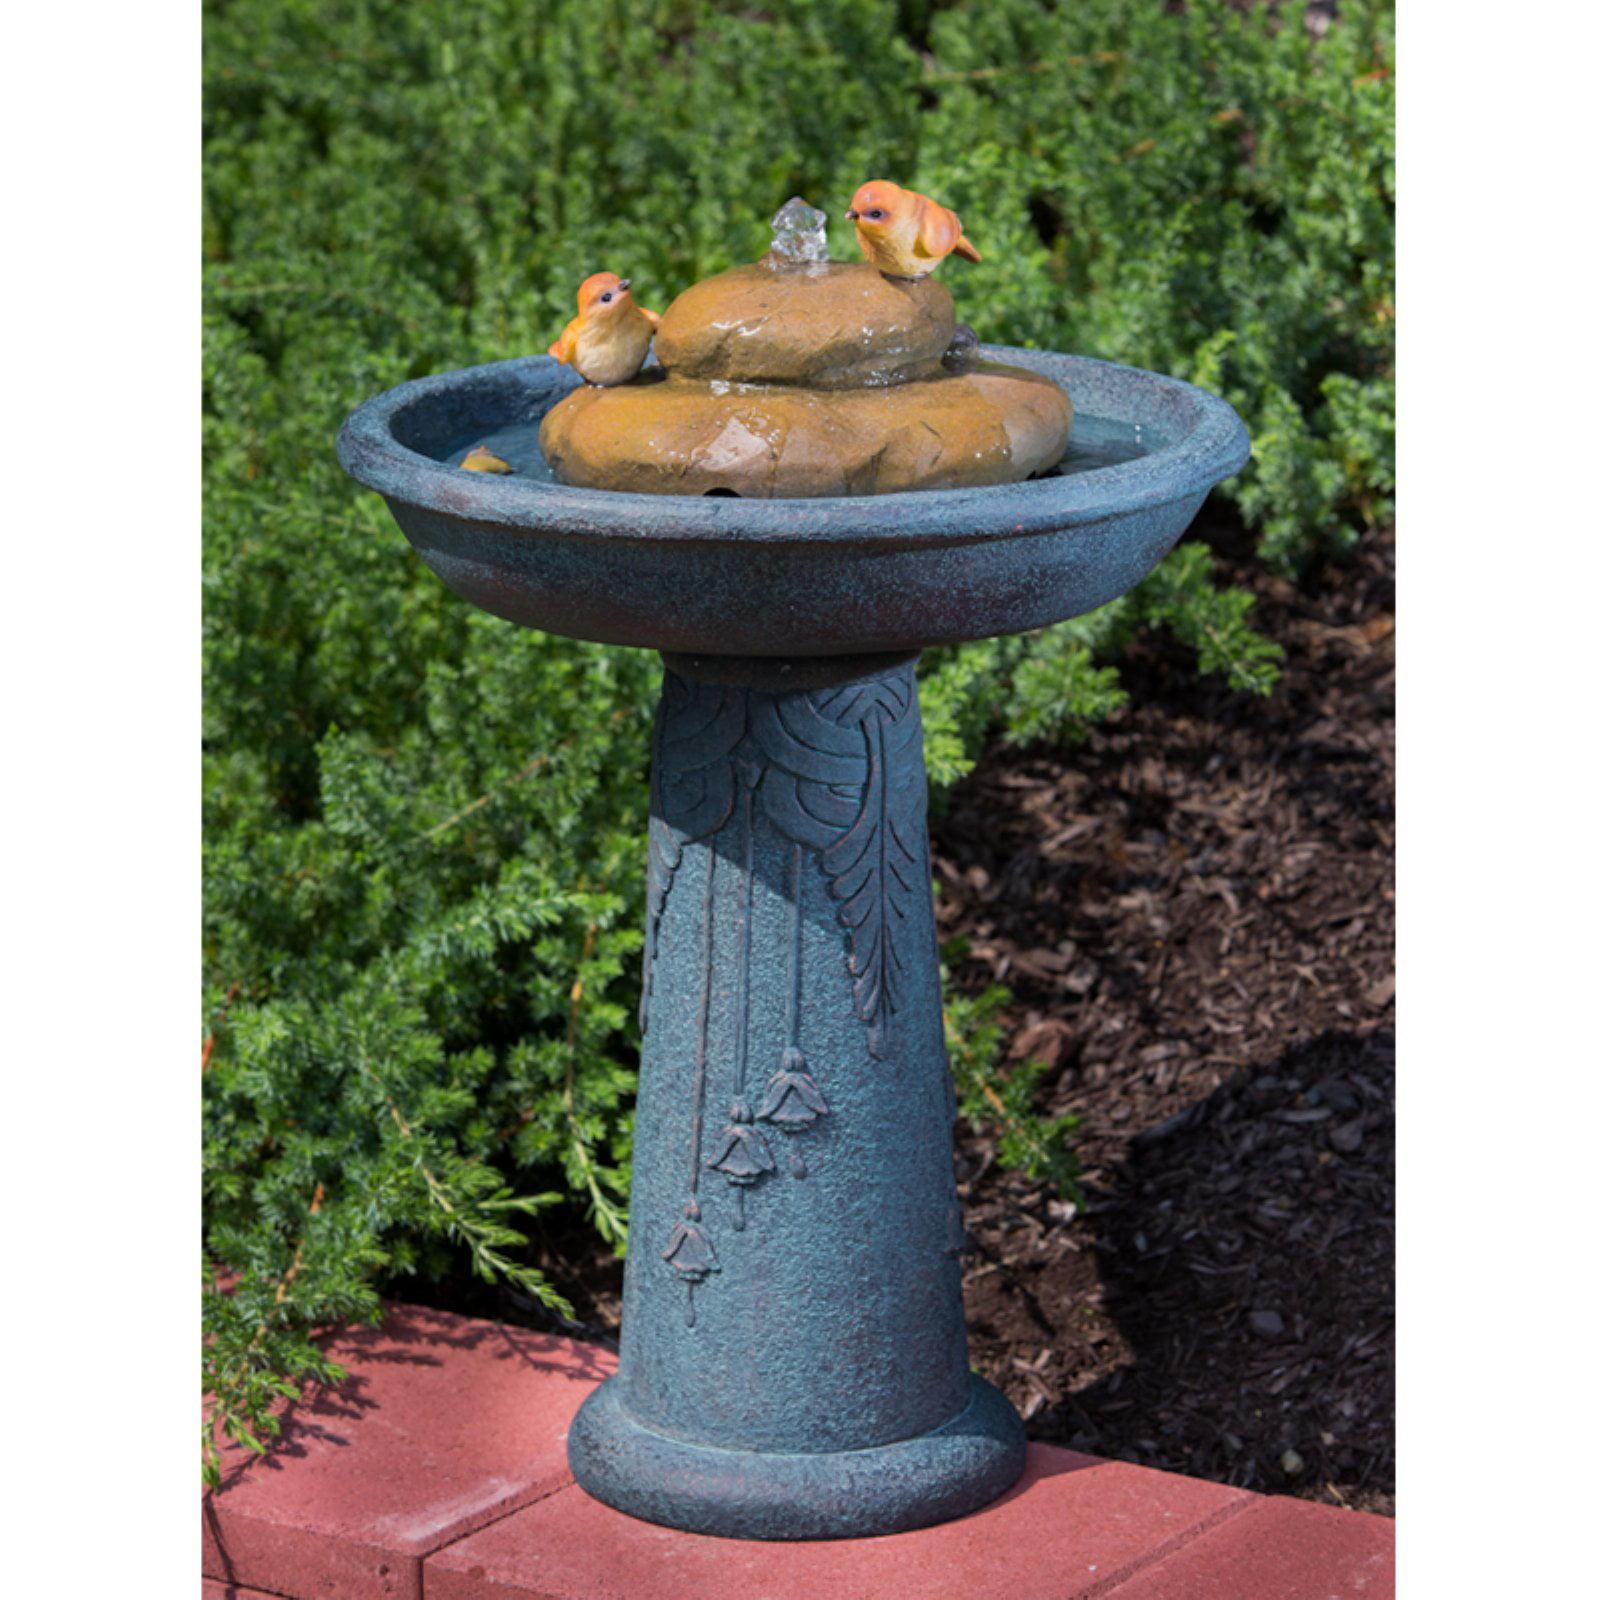 Alfesco Home Birdbath Outdoor Fountain by Alfresco Home